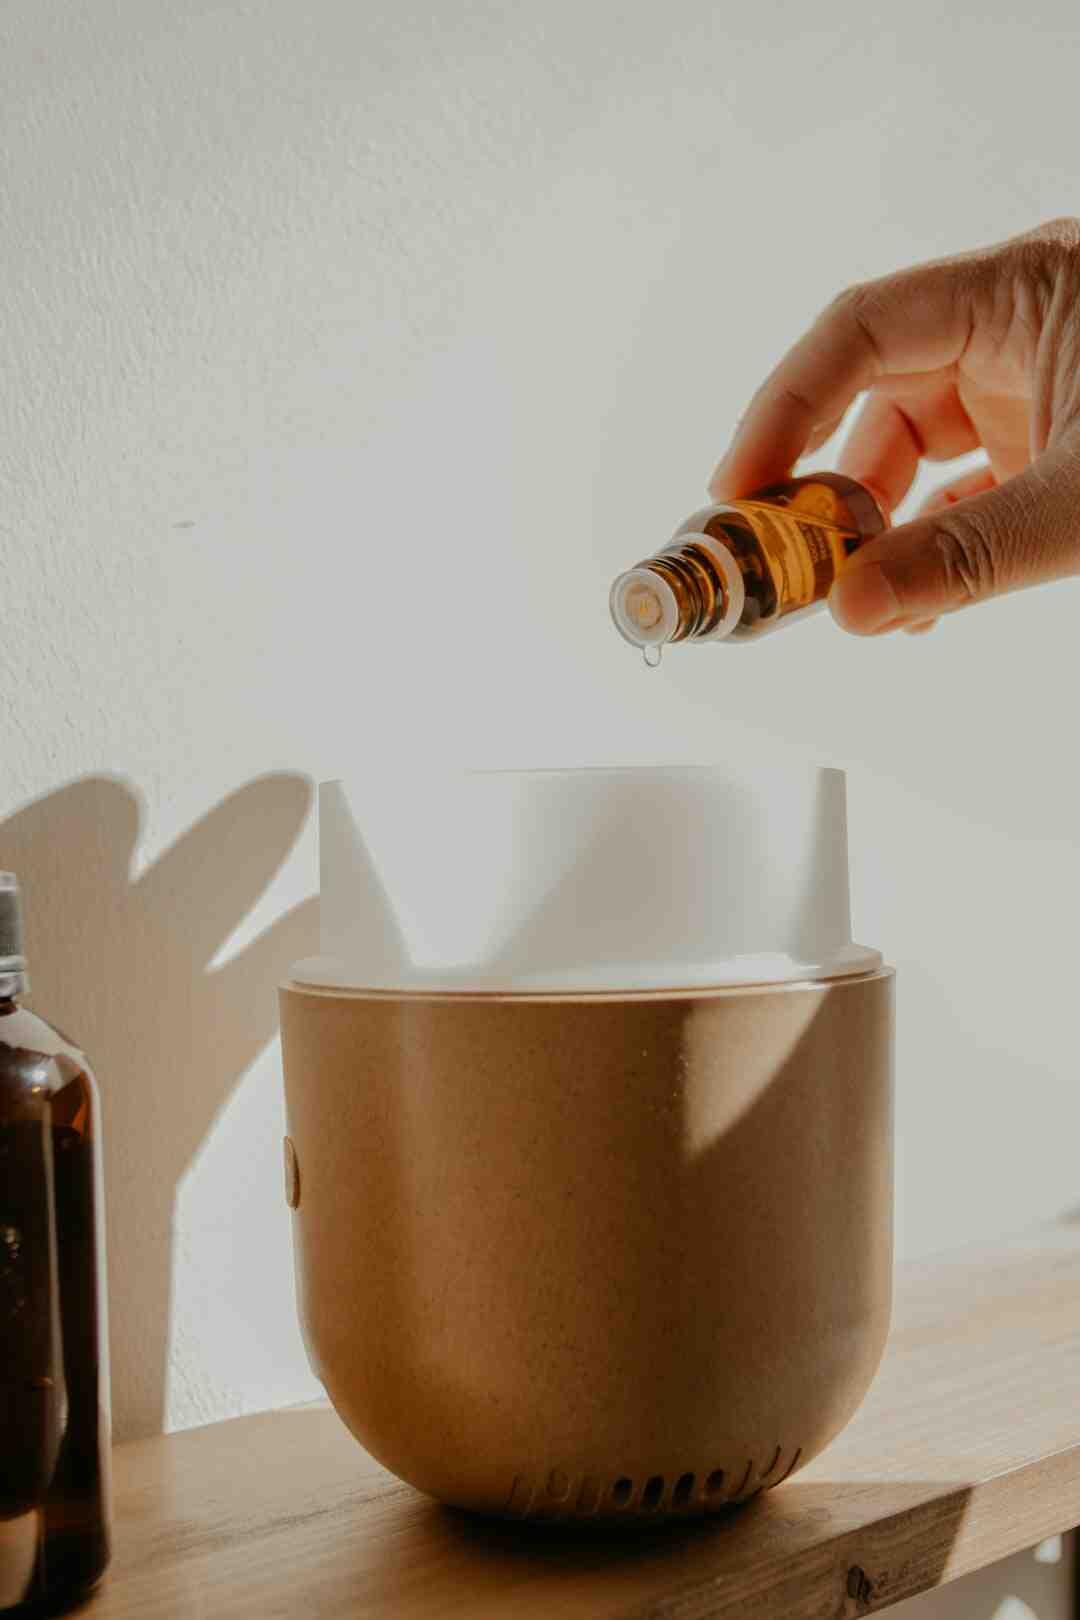 Comment détartrer son diffuseur d'huiles essentielles ?